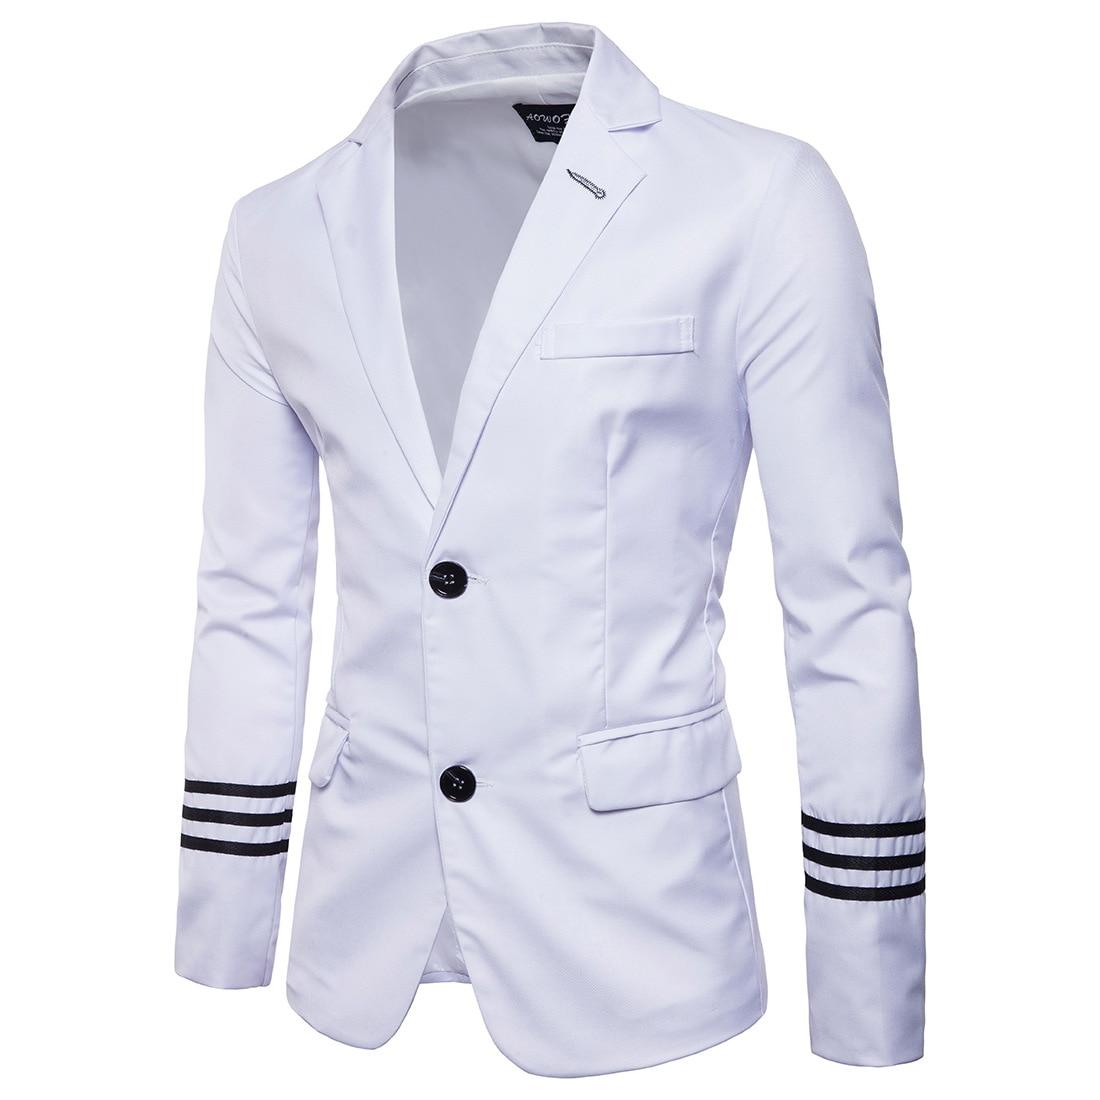 Пиджаки Для мужчин костюмы 2019 Новое поступление Для мужчин Стильный свадебный костюм стильный пиджак мужской повседневный блейзер